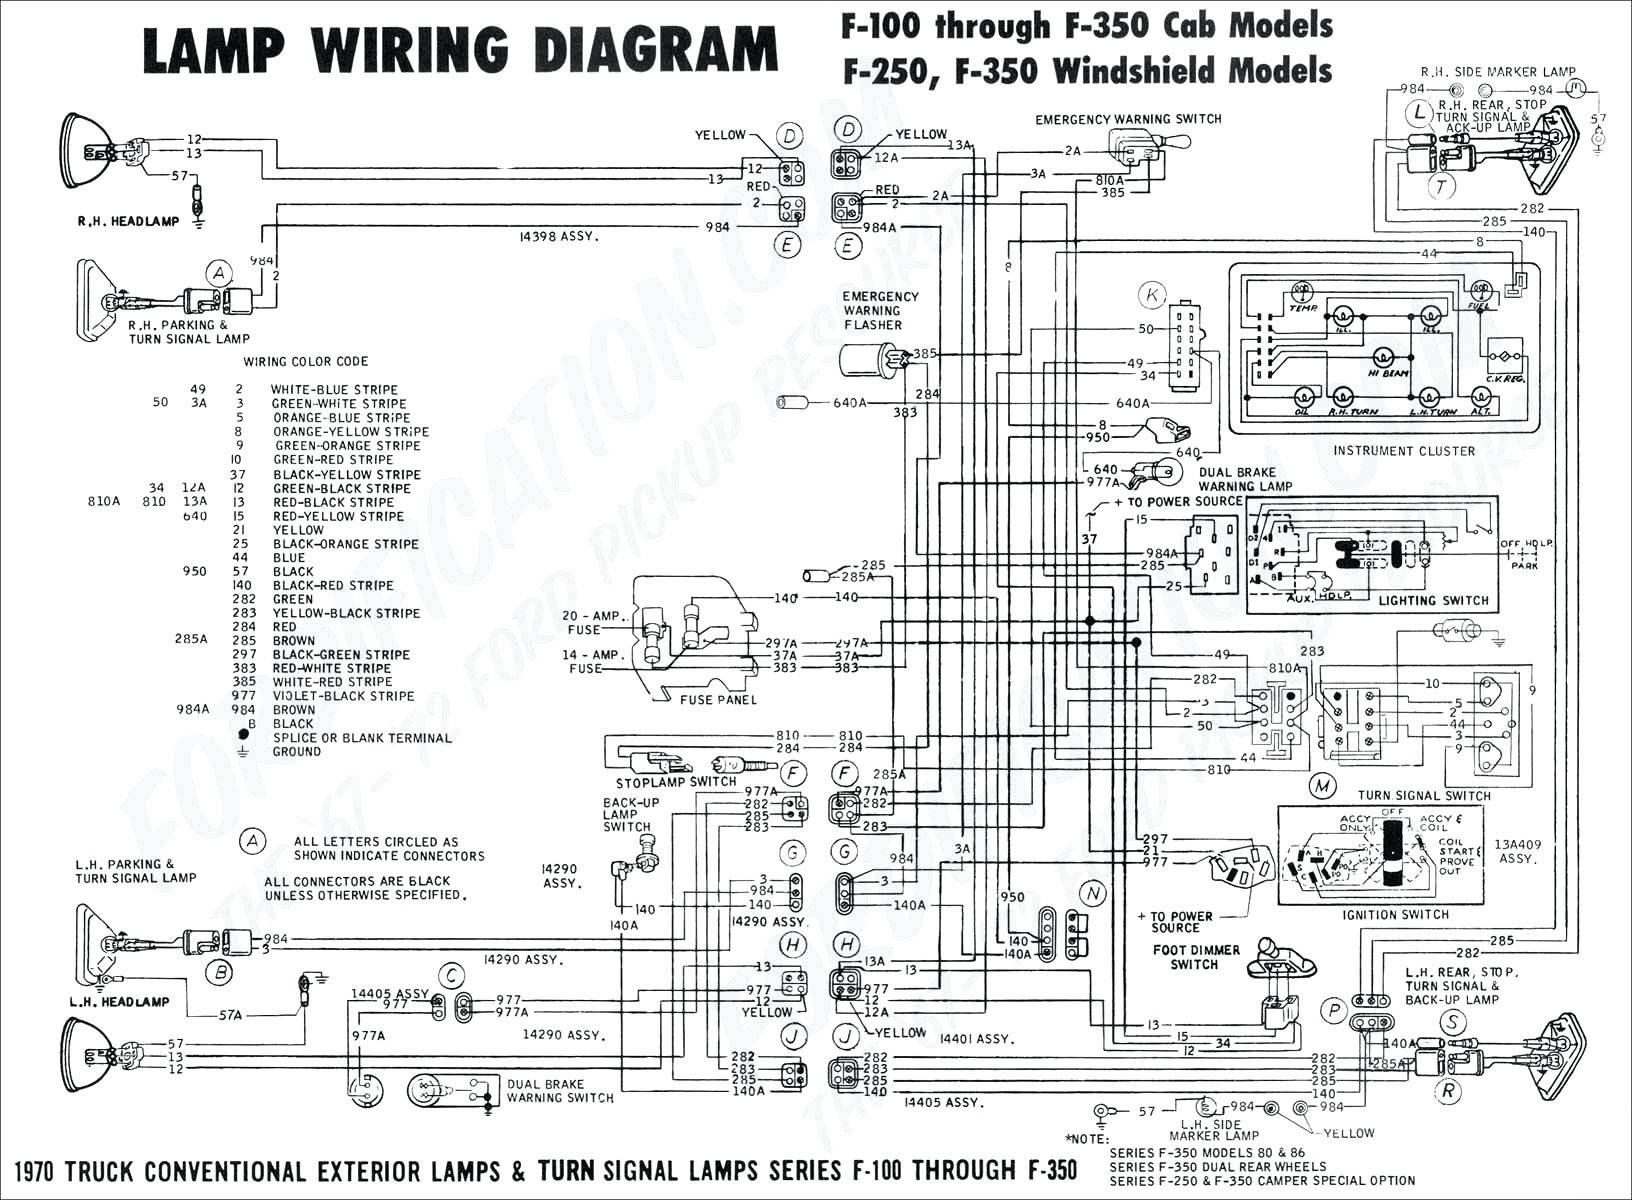 [WRG-0526] Ford Escape Trailer Wiring Diagram